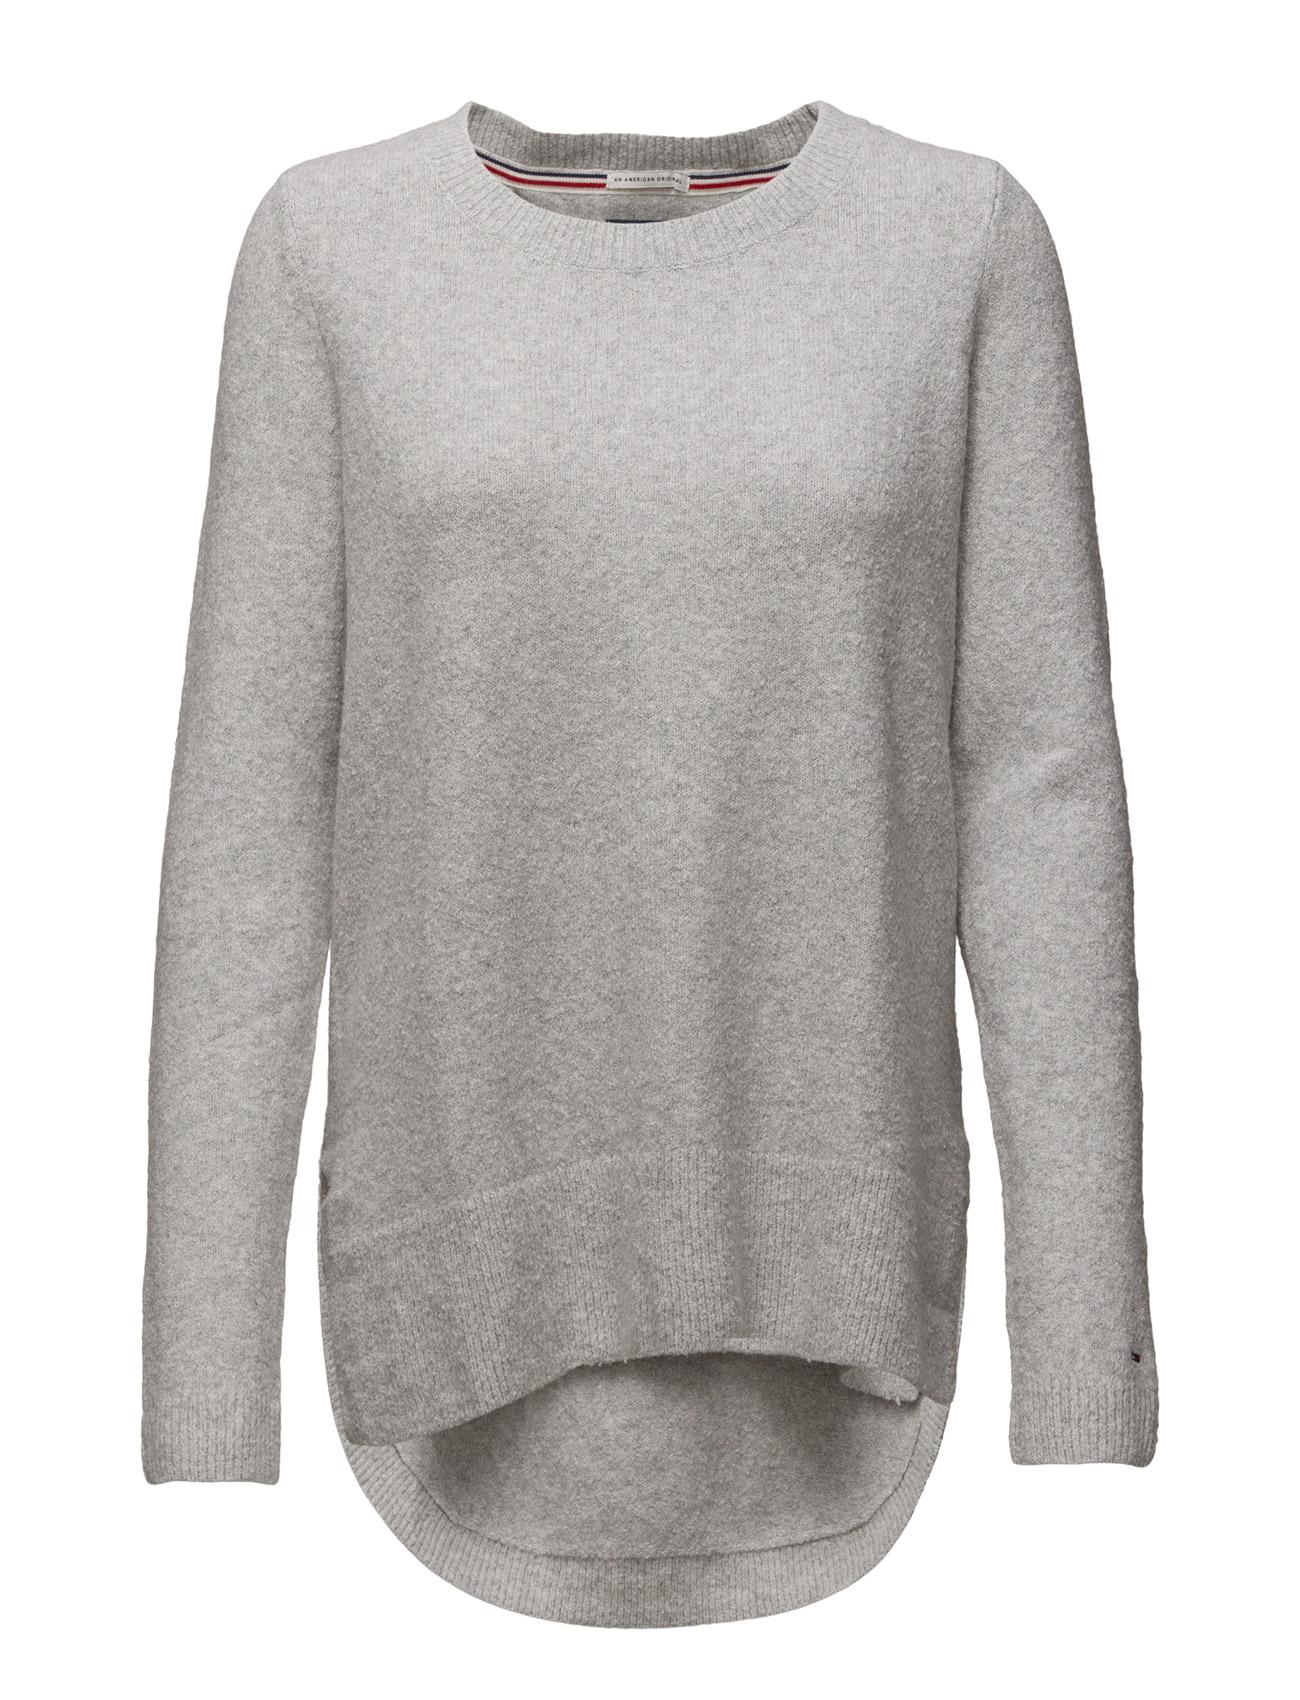 Thdw Rounded Sweater L/S 19 Hilfiger Denim Sweatshirts til Kvinder i Grå